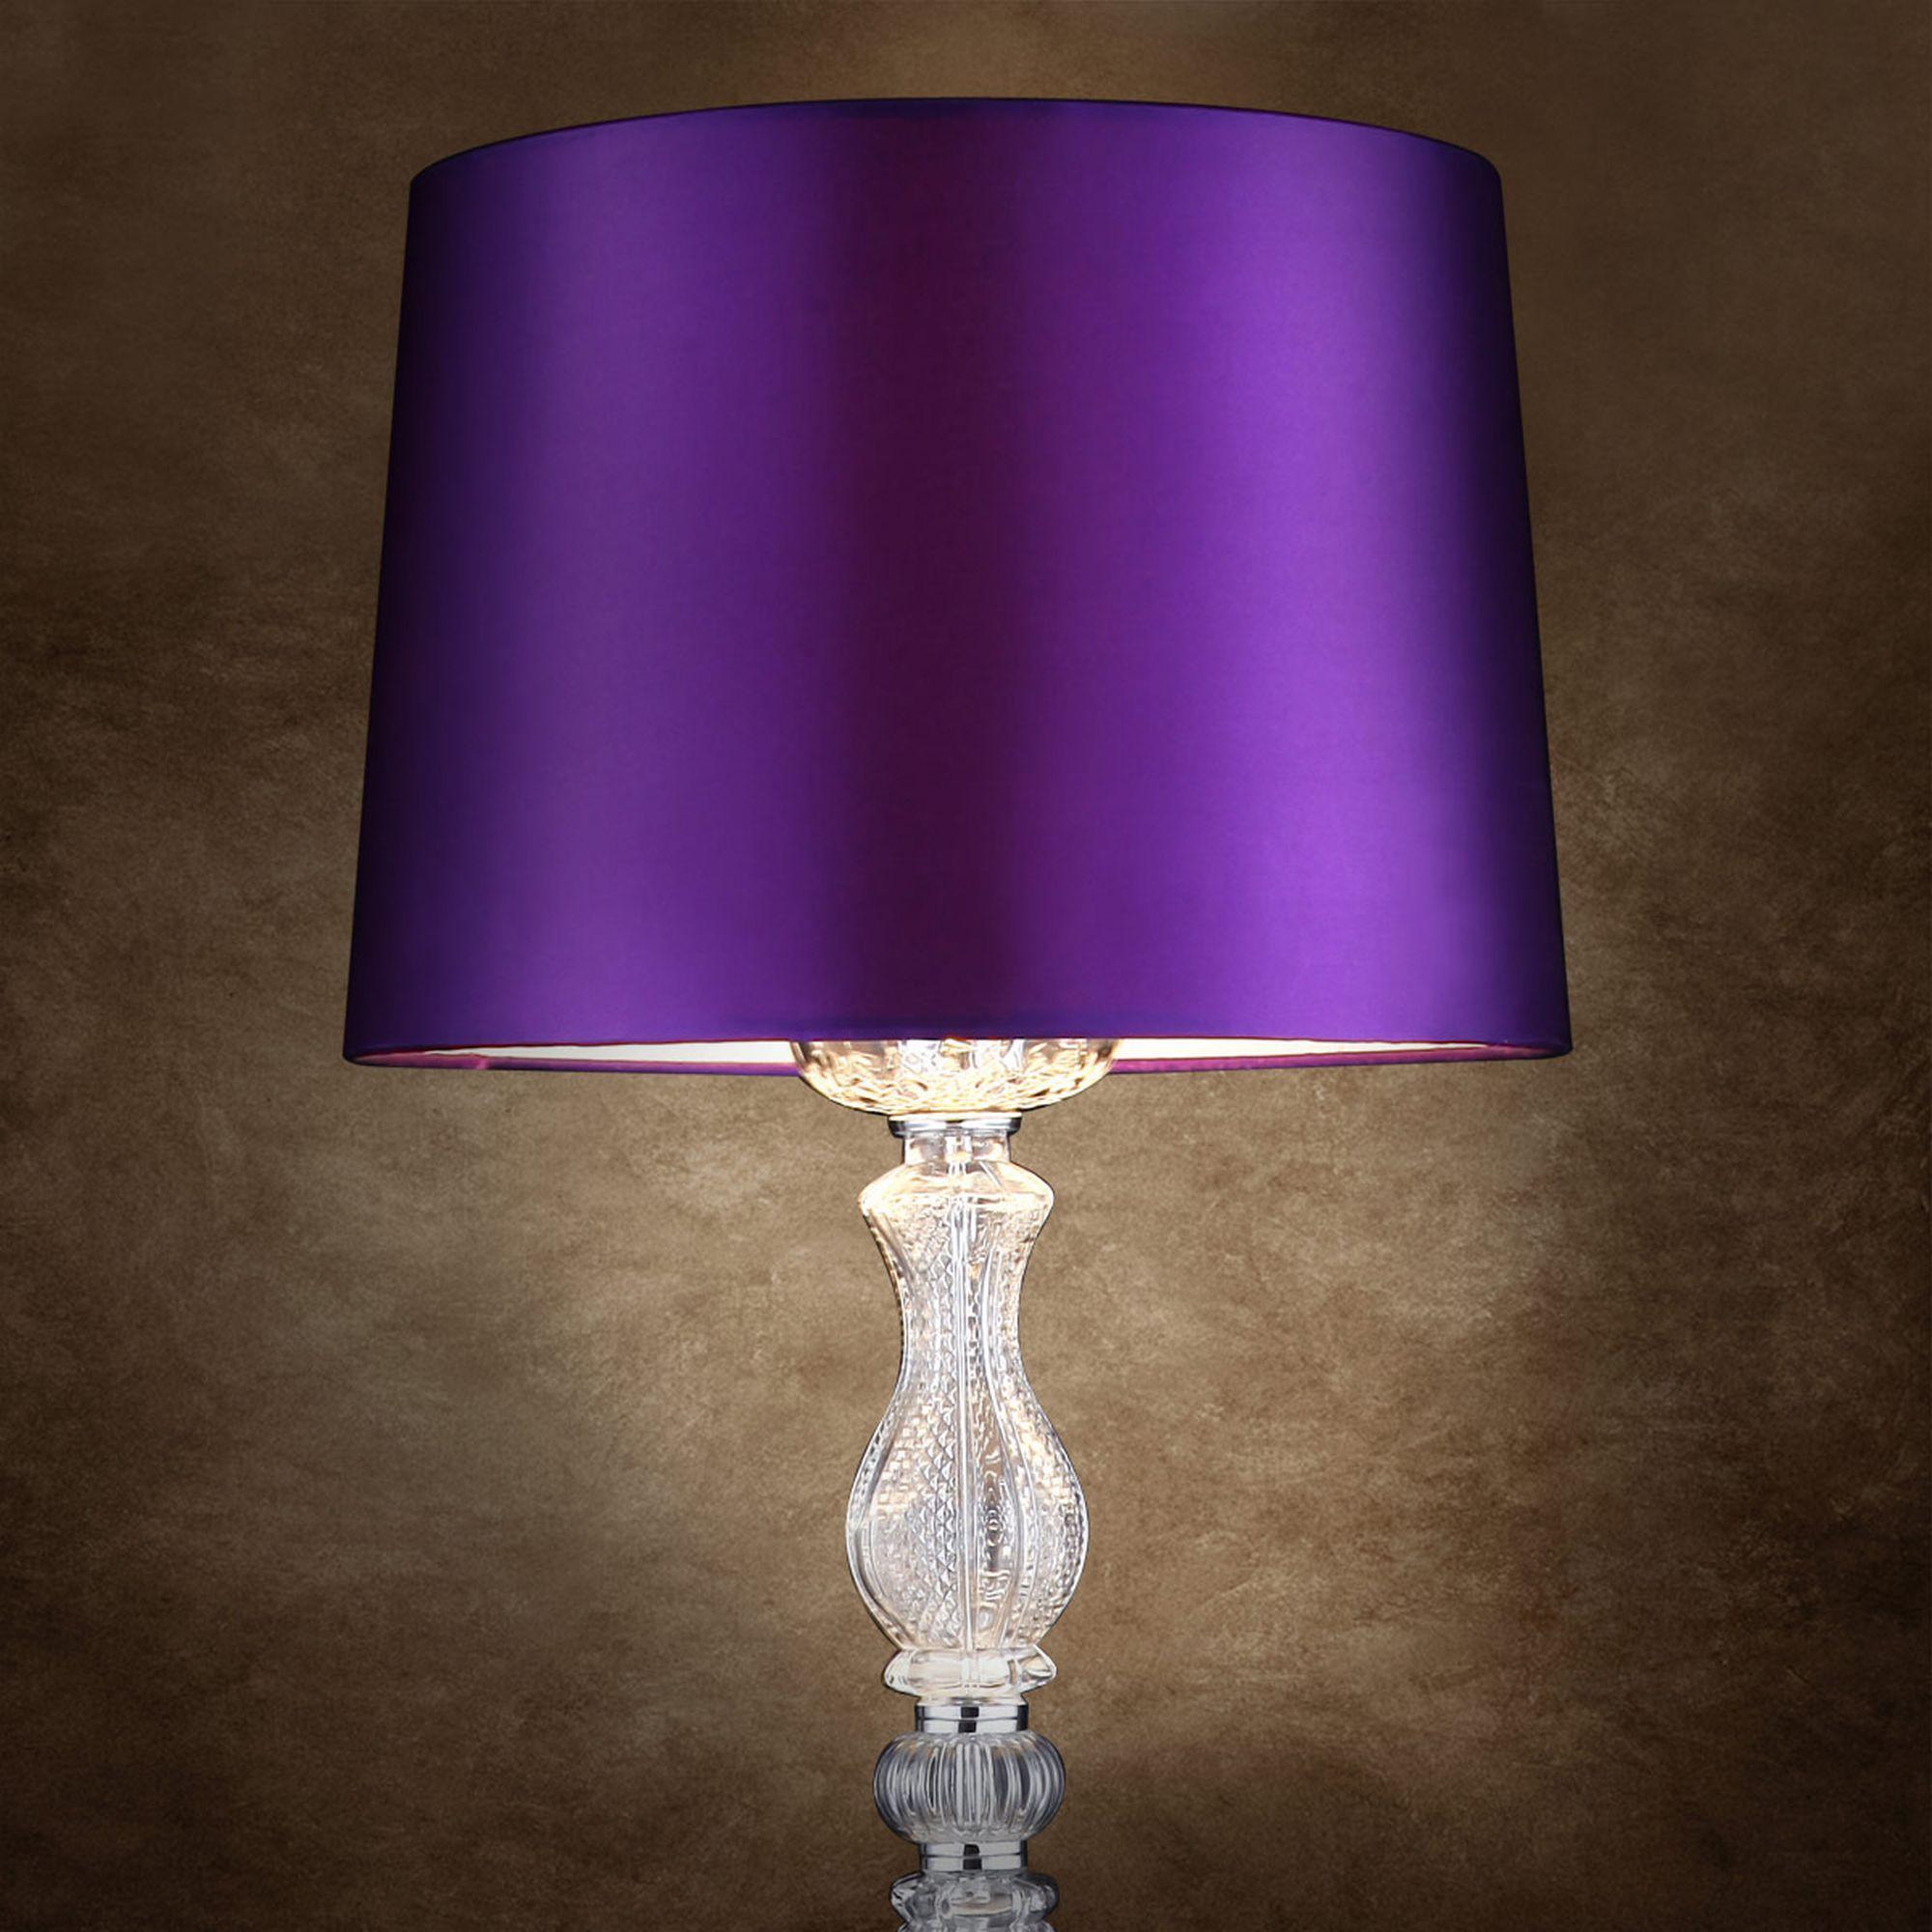 design stehleuchte stehlampe wohnzimmer lampe. Black Bedroom Furniture Sets. Home Design Ideas